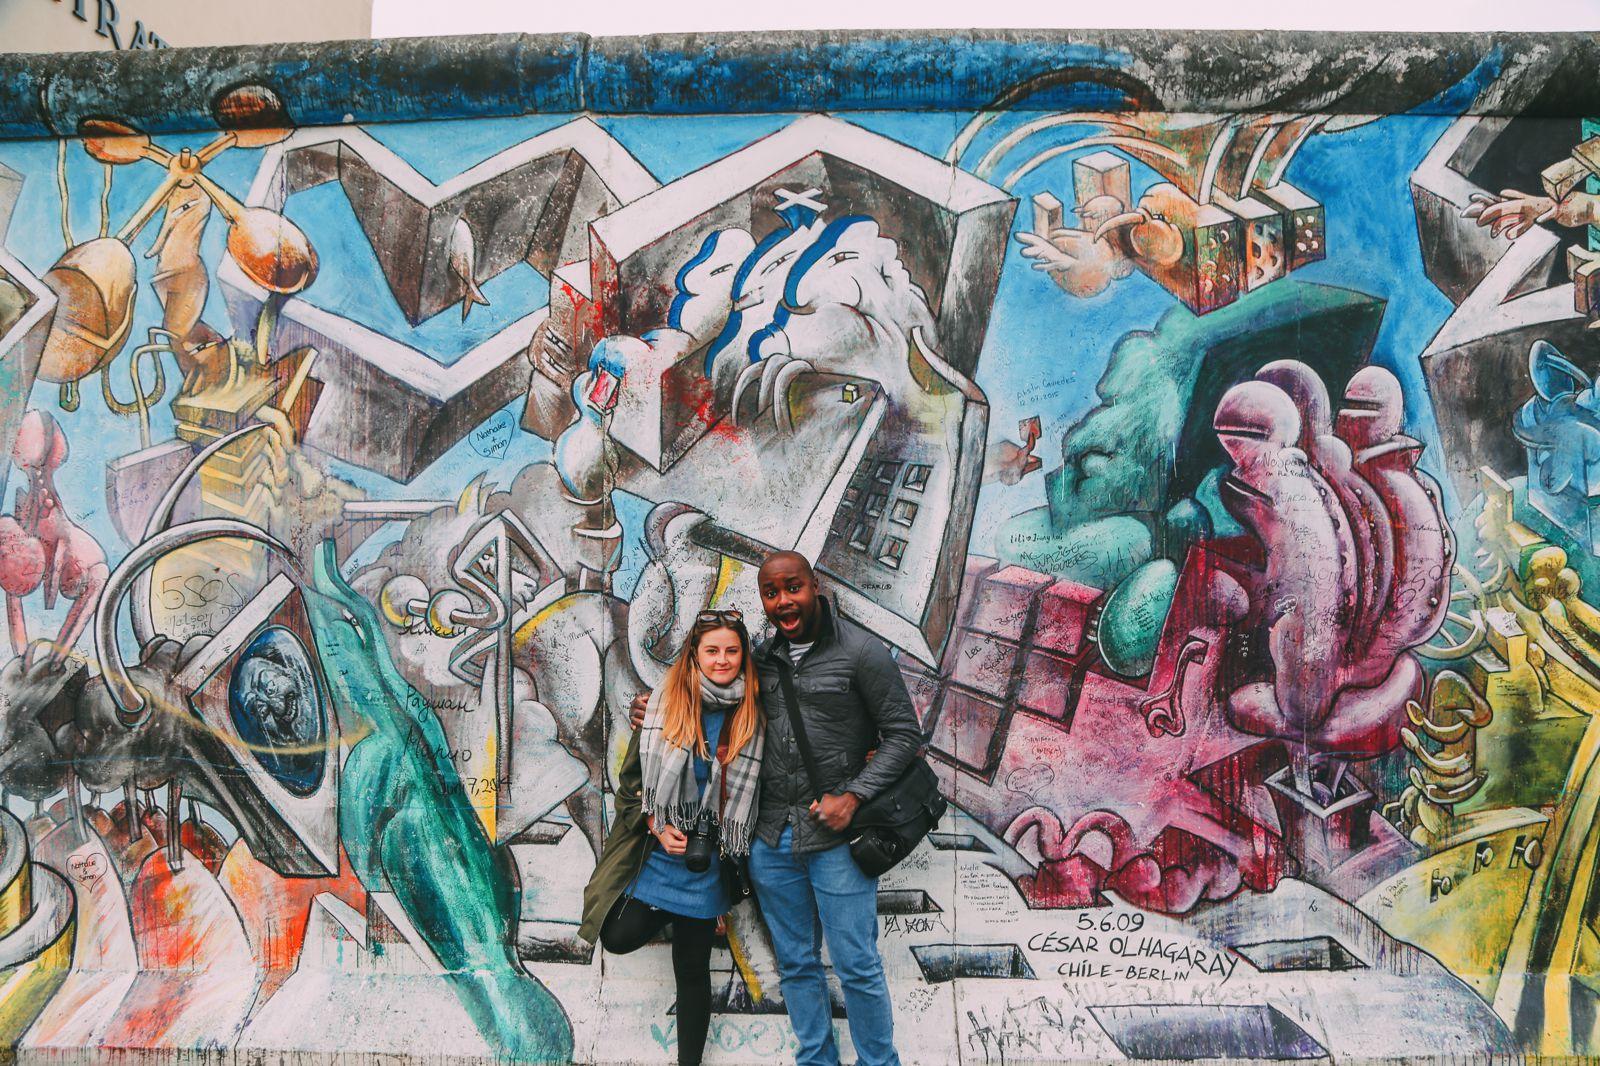 East Side Gallery, Berlin, Germany (7)